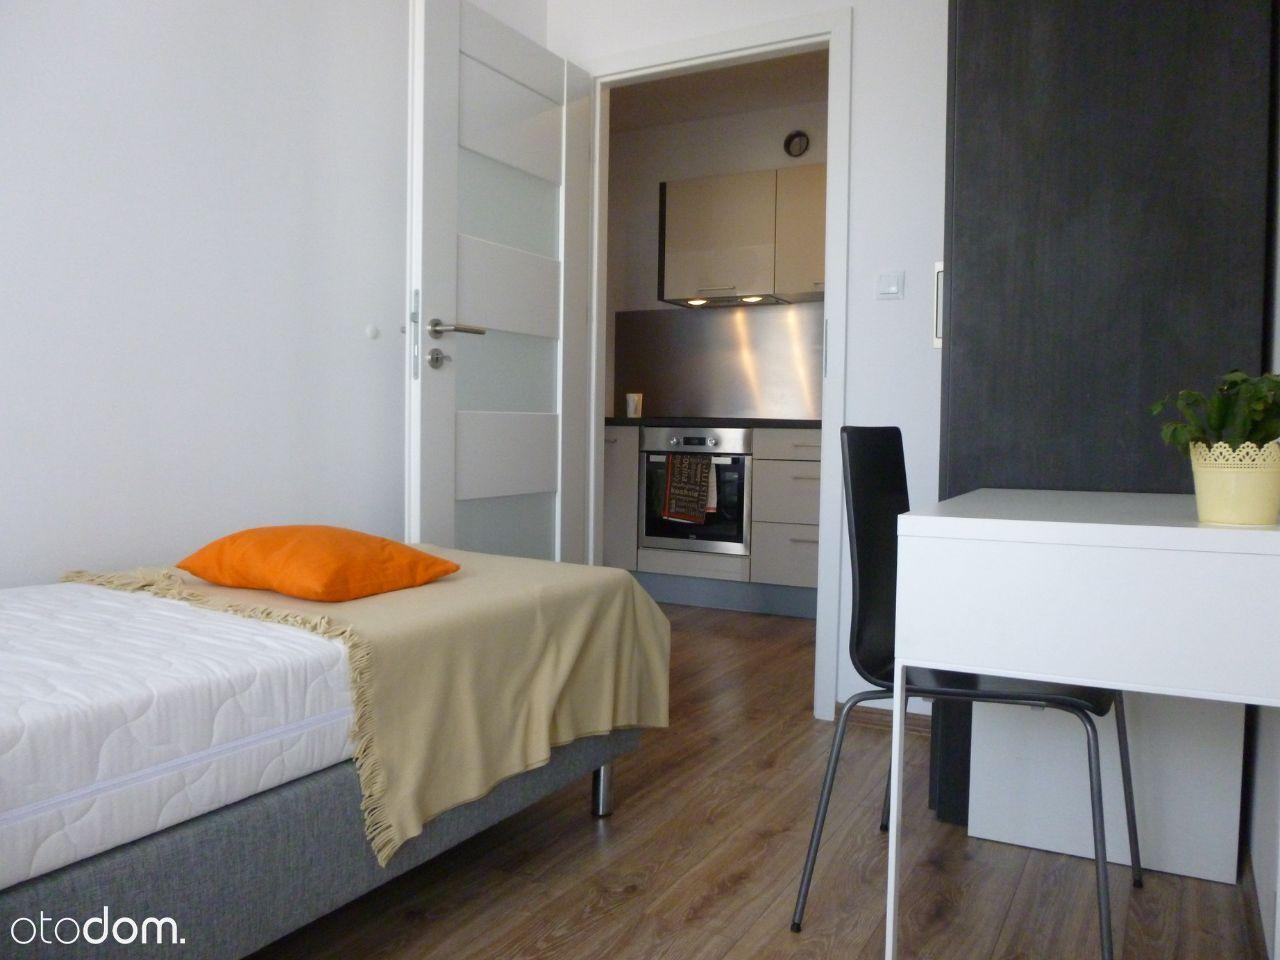 Apartamenty Zamkowe - mieszkanie dla studentów